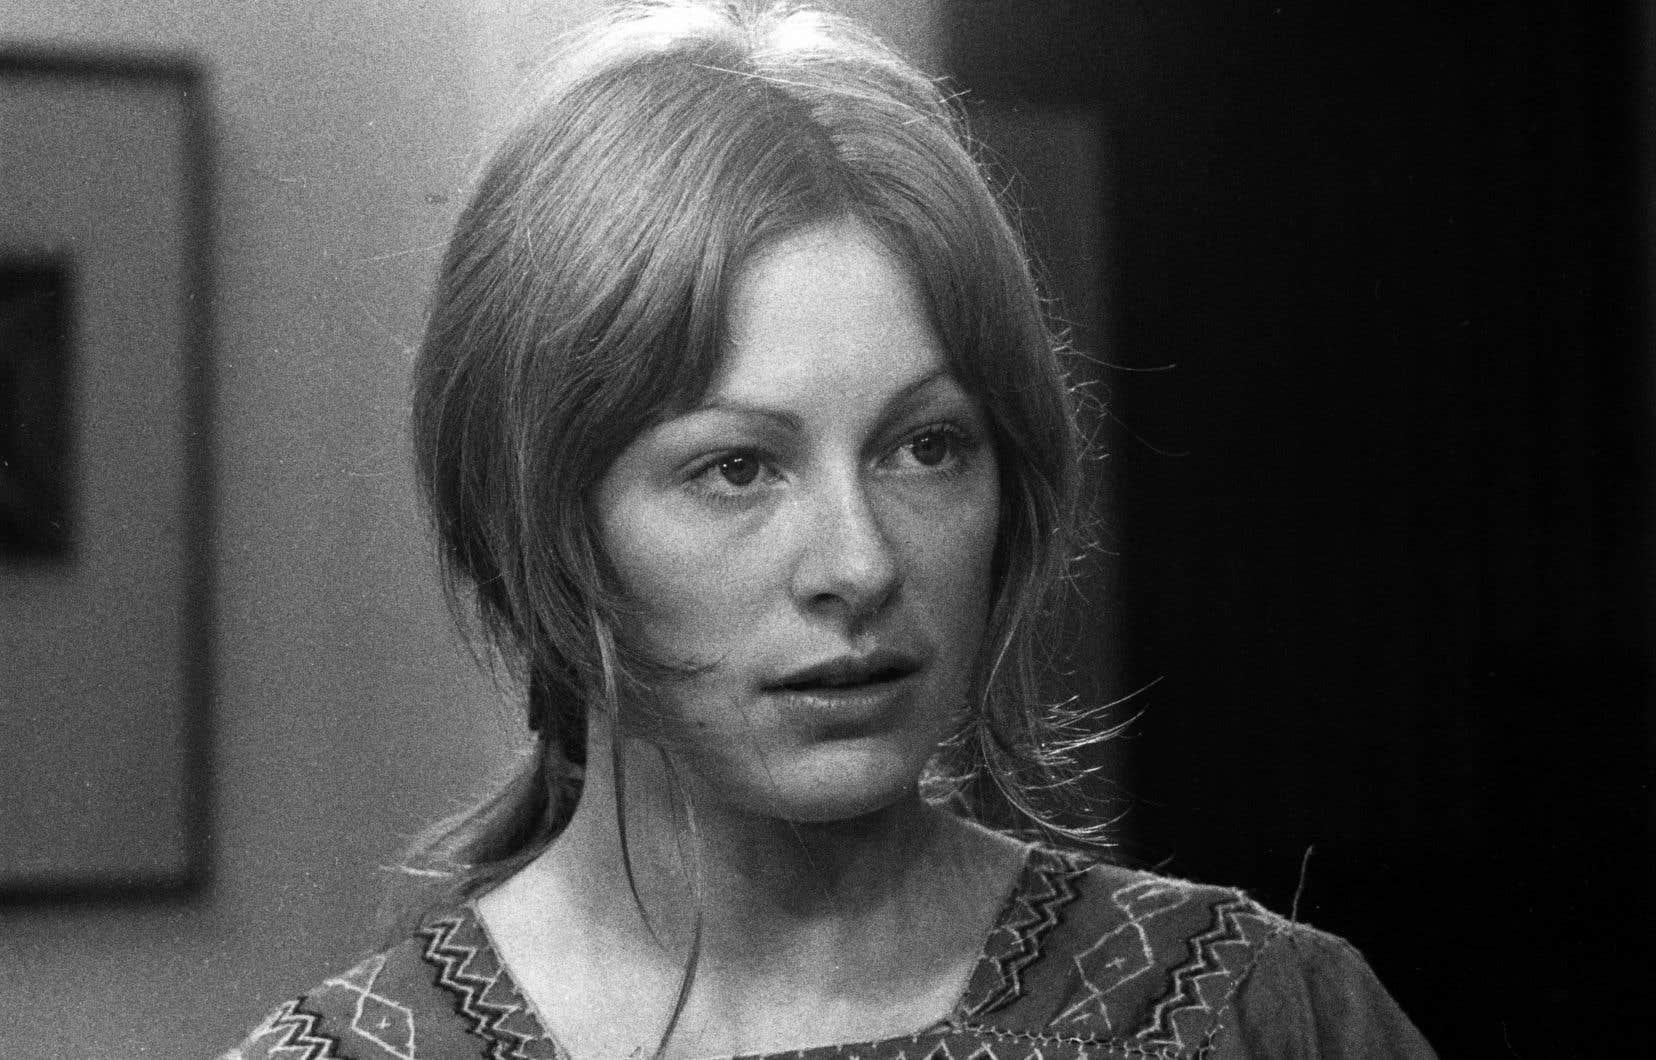 <p>Micheline Lanctôt dans «<em>Souris, tu m'inquiètes»</em>, d'Aimée Danis</p>